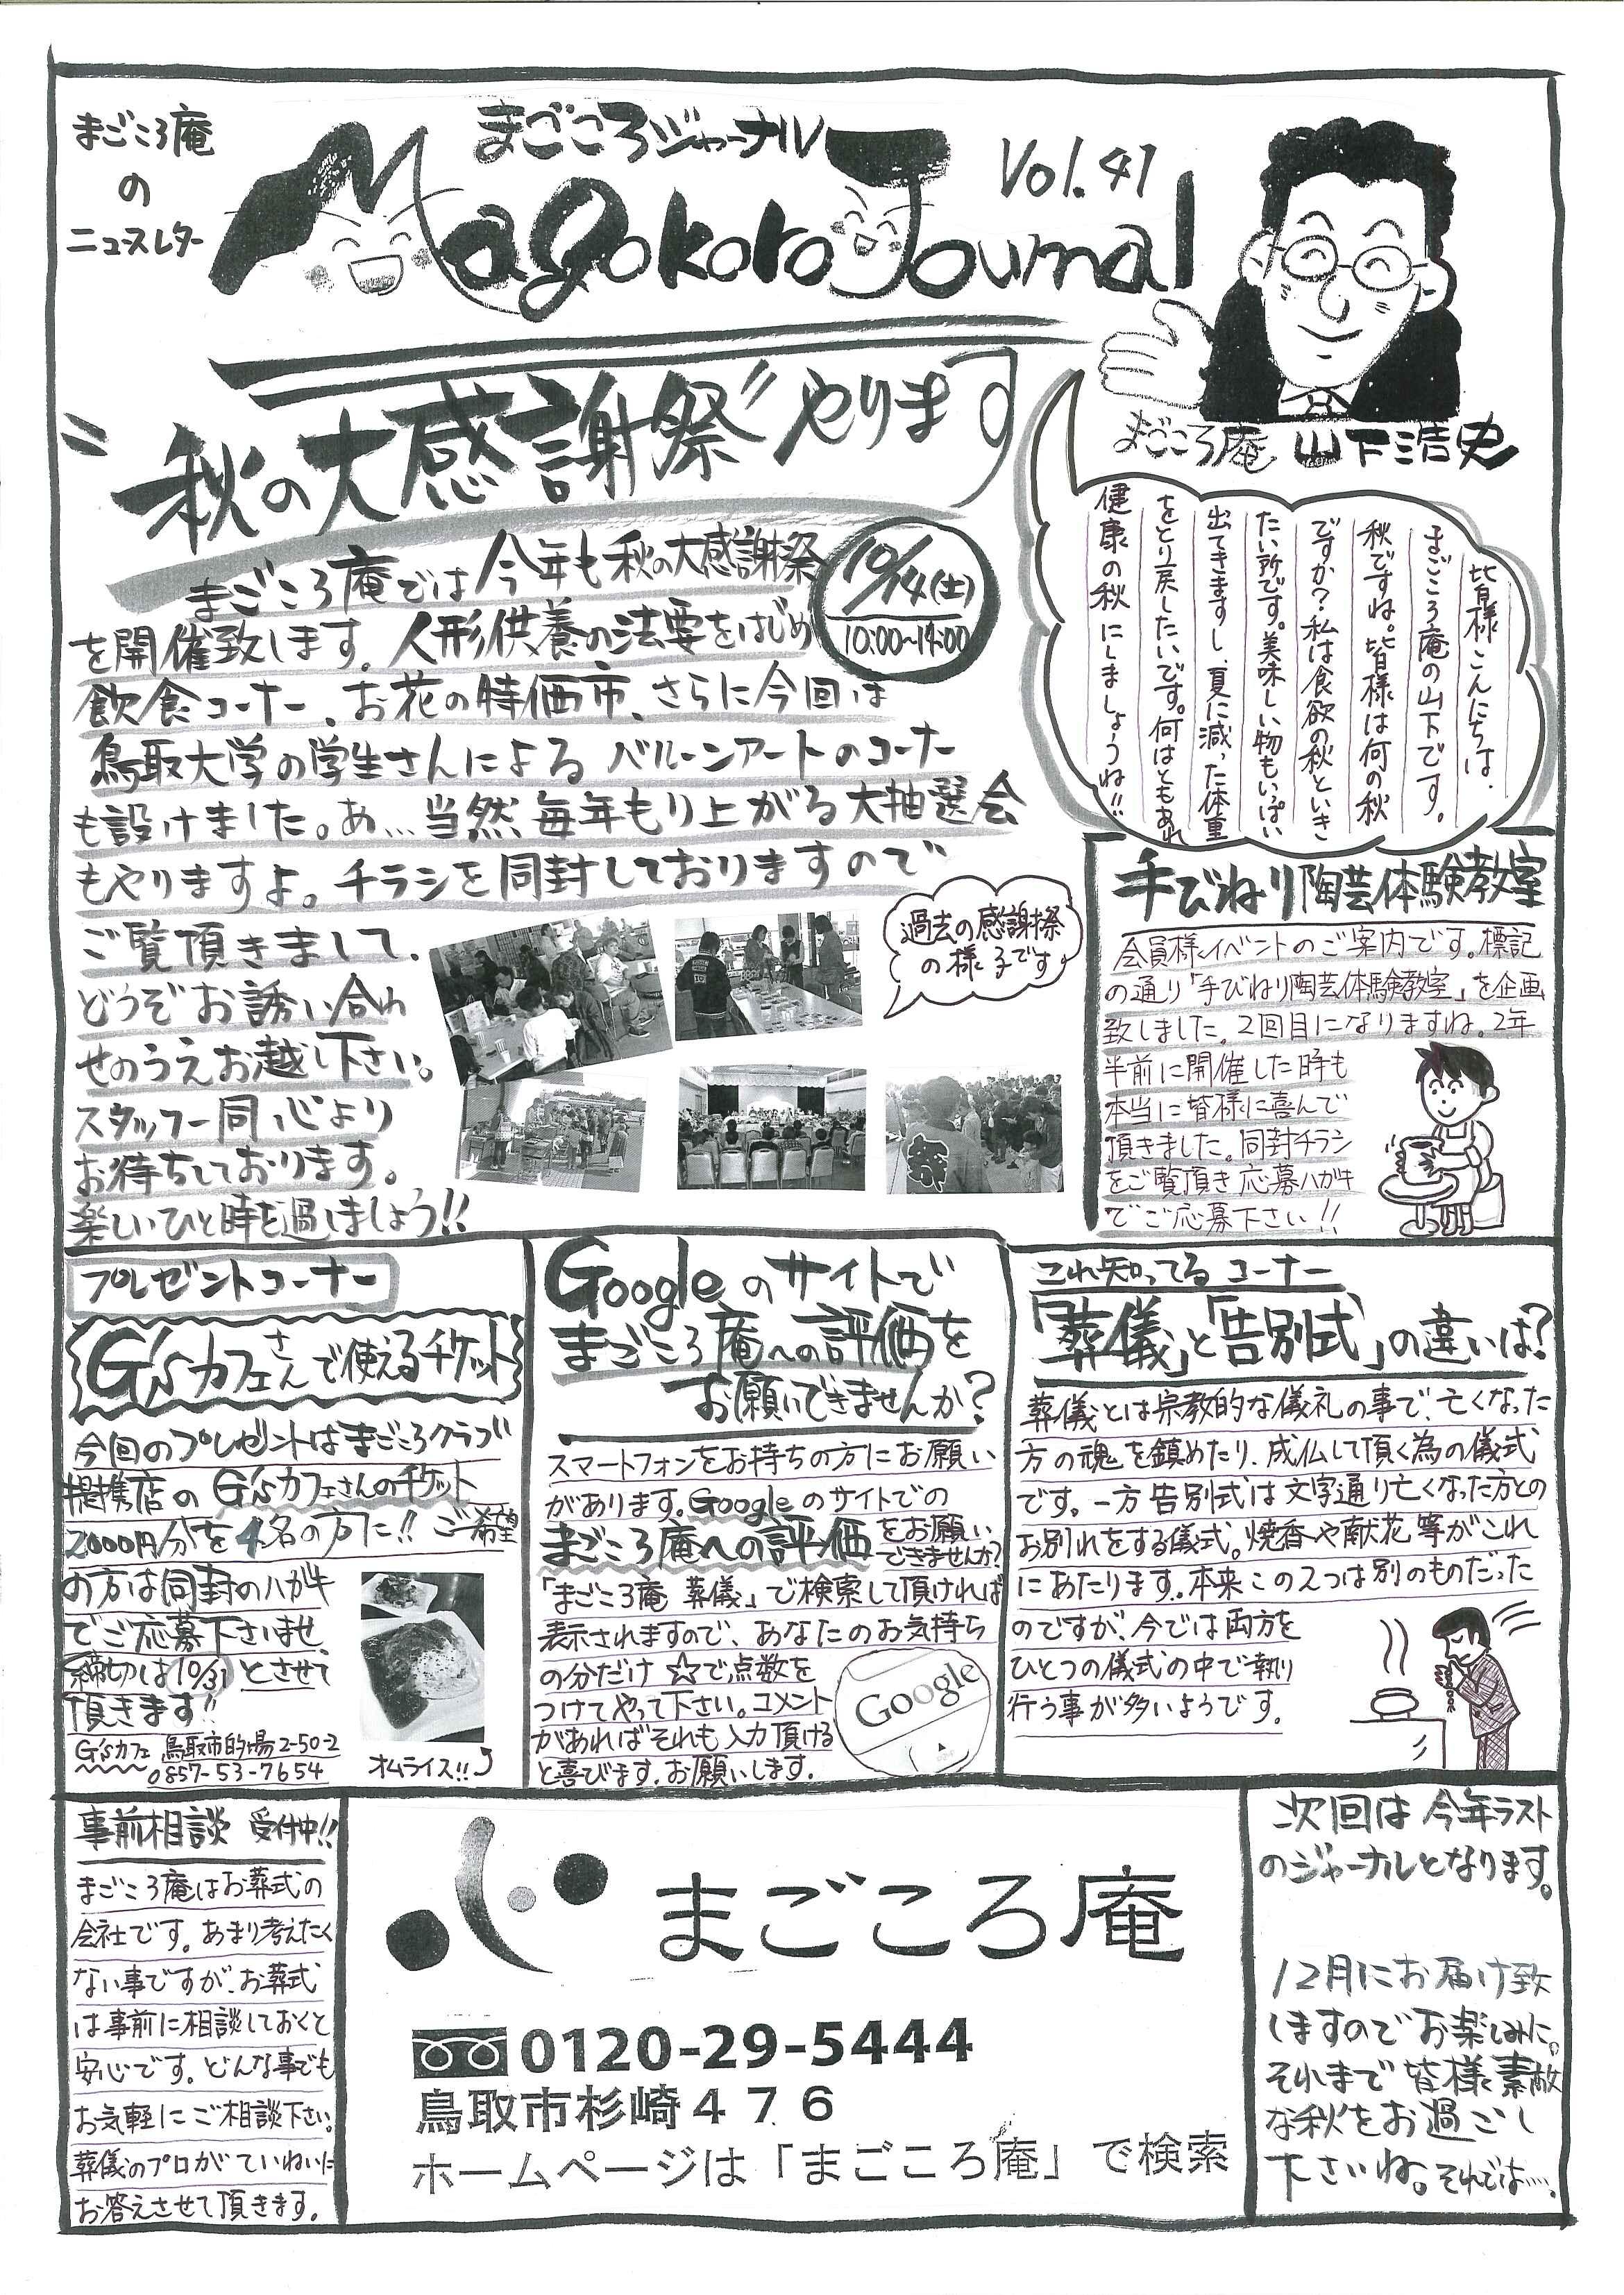 2017年まごころジャーナル 秋号 1ページ目